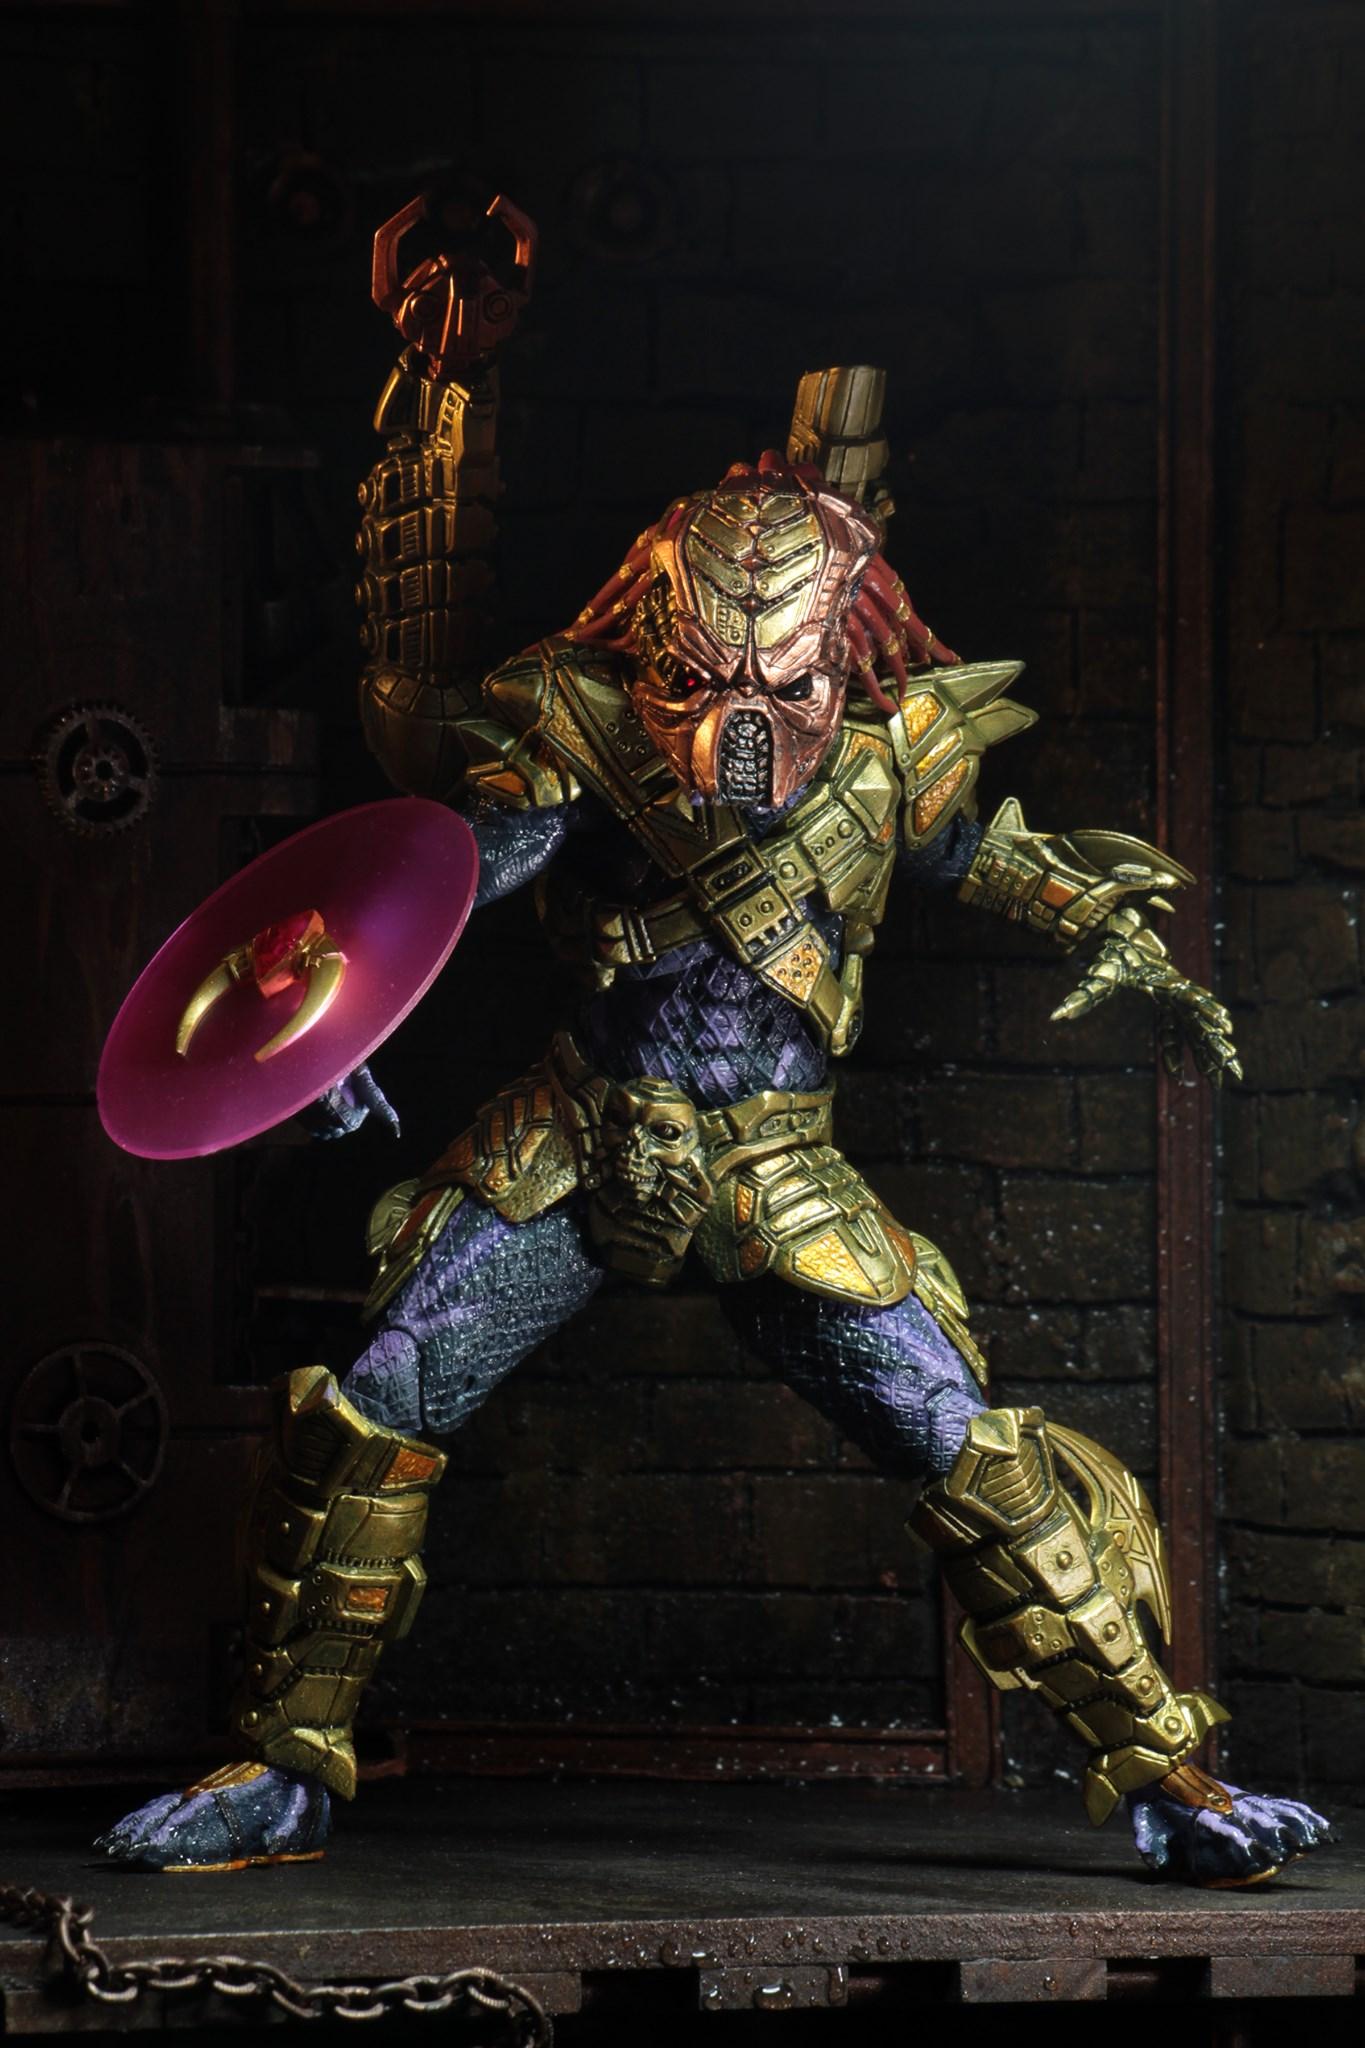 Lasershot-Mask.jpg